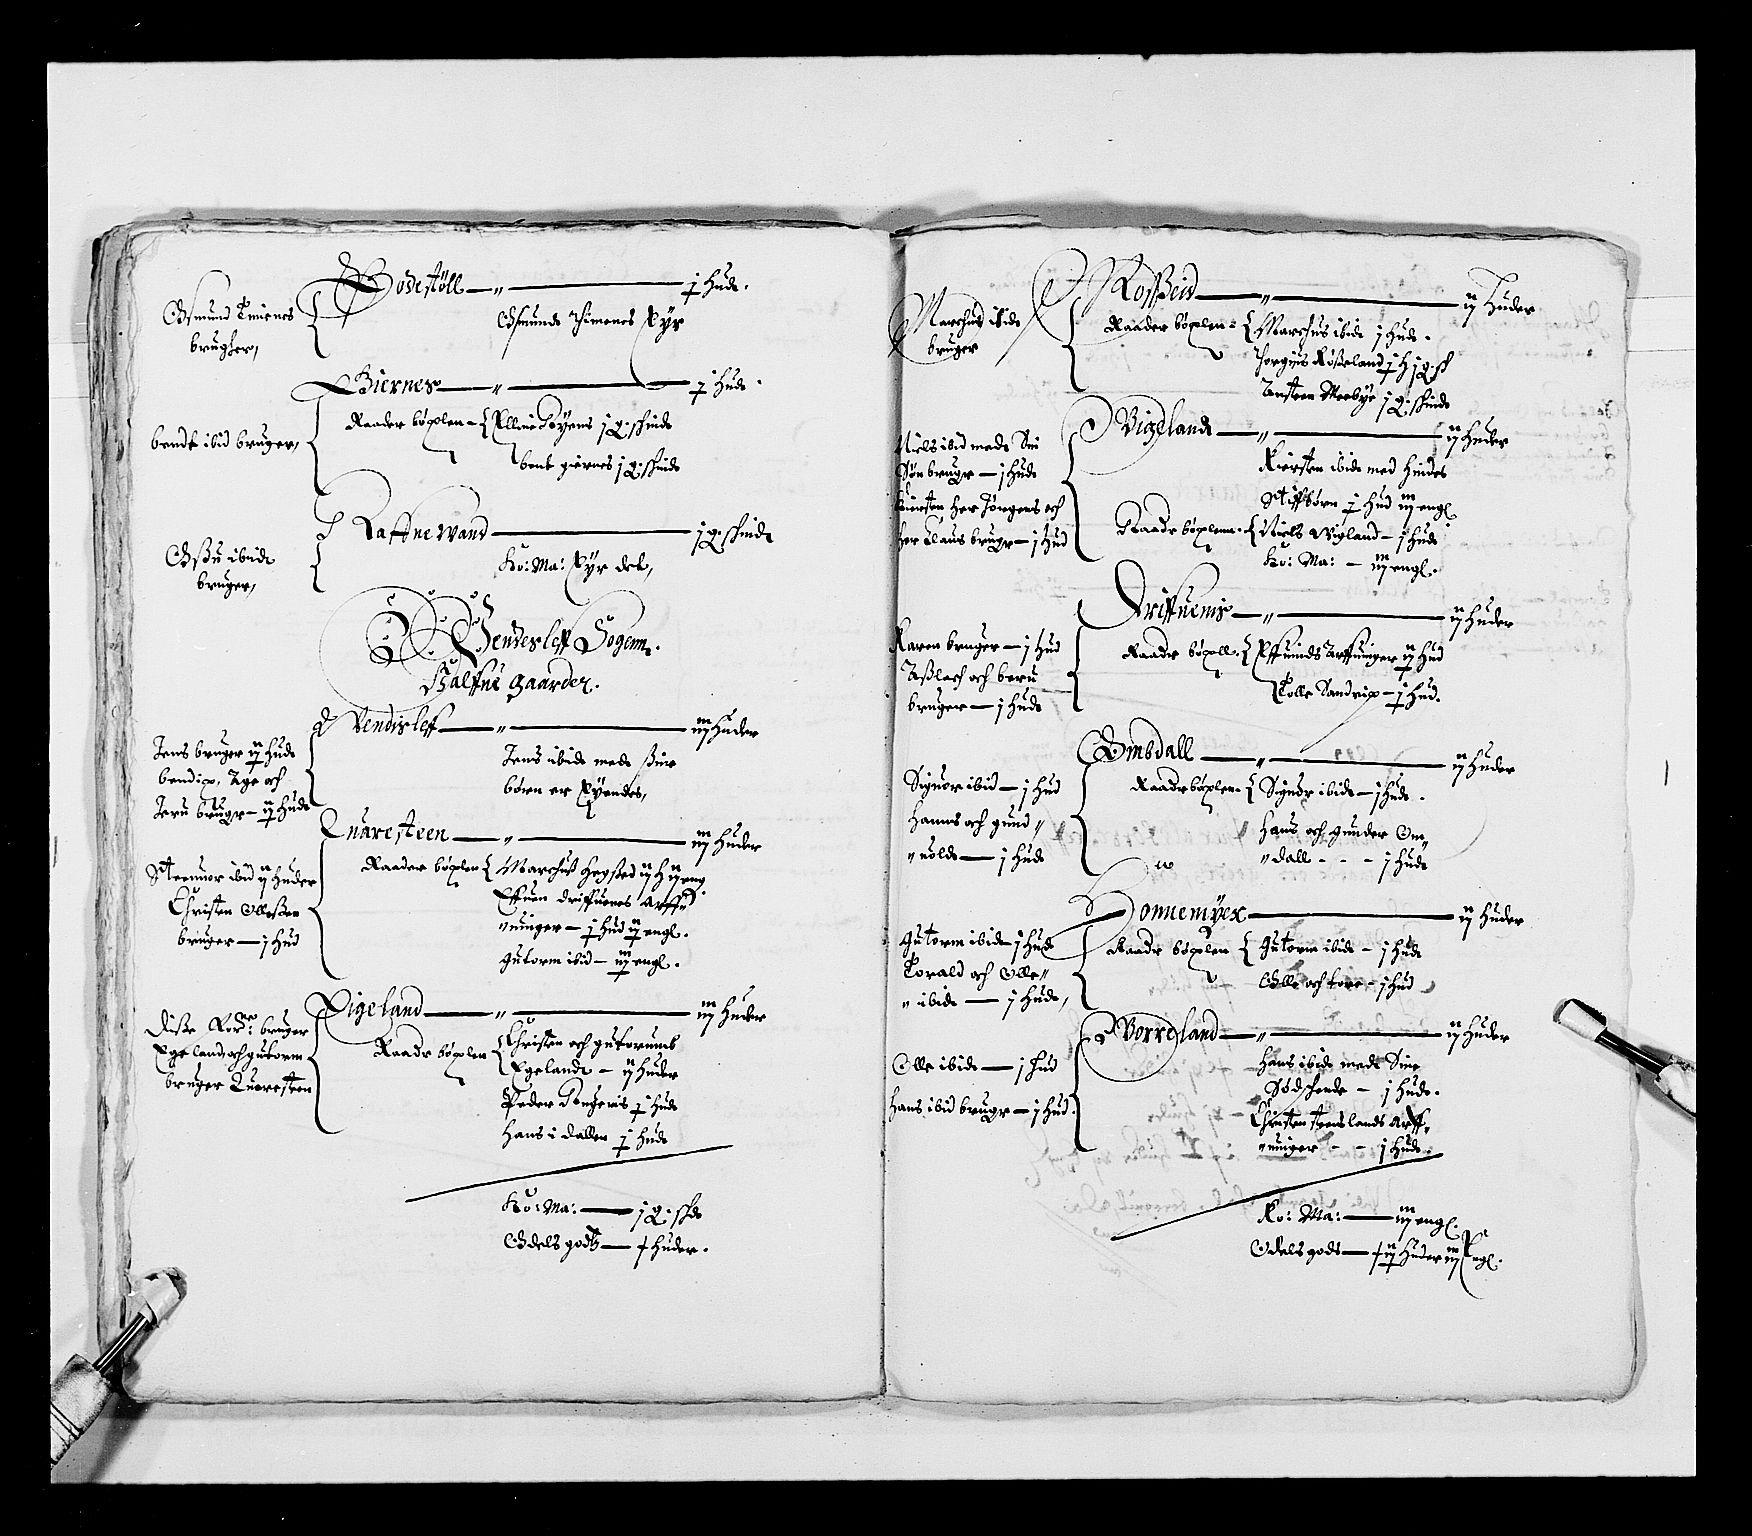 RA, Stattholderembetet 1572-1771, Ek/L0023: Jordebøker 1633-1658:, 1648-1649, s. 83